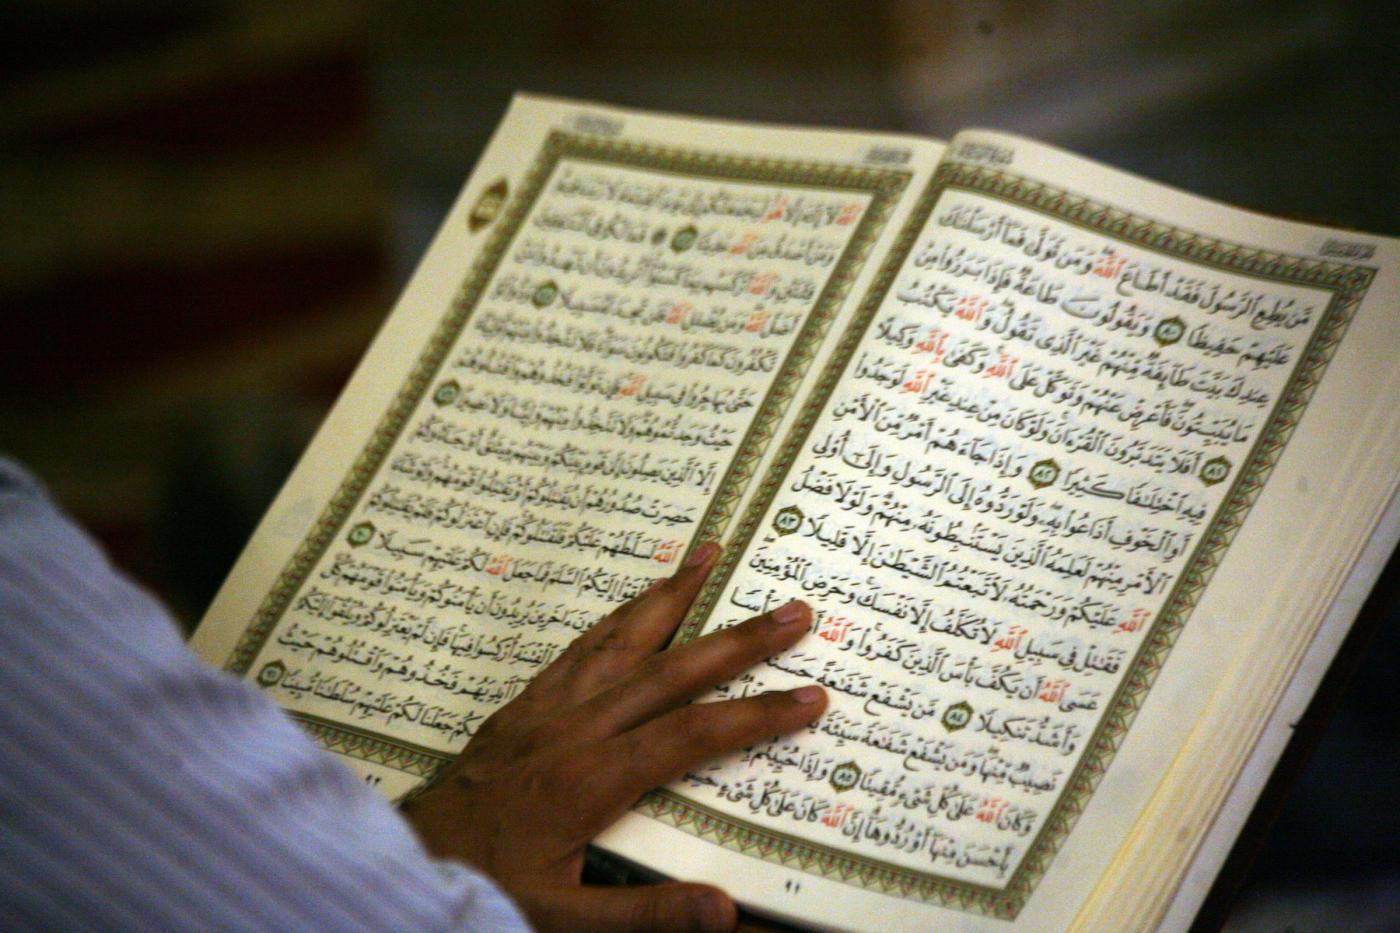 L'Islam e il terrorismo: perché ci odiano?